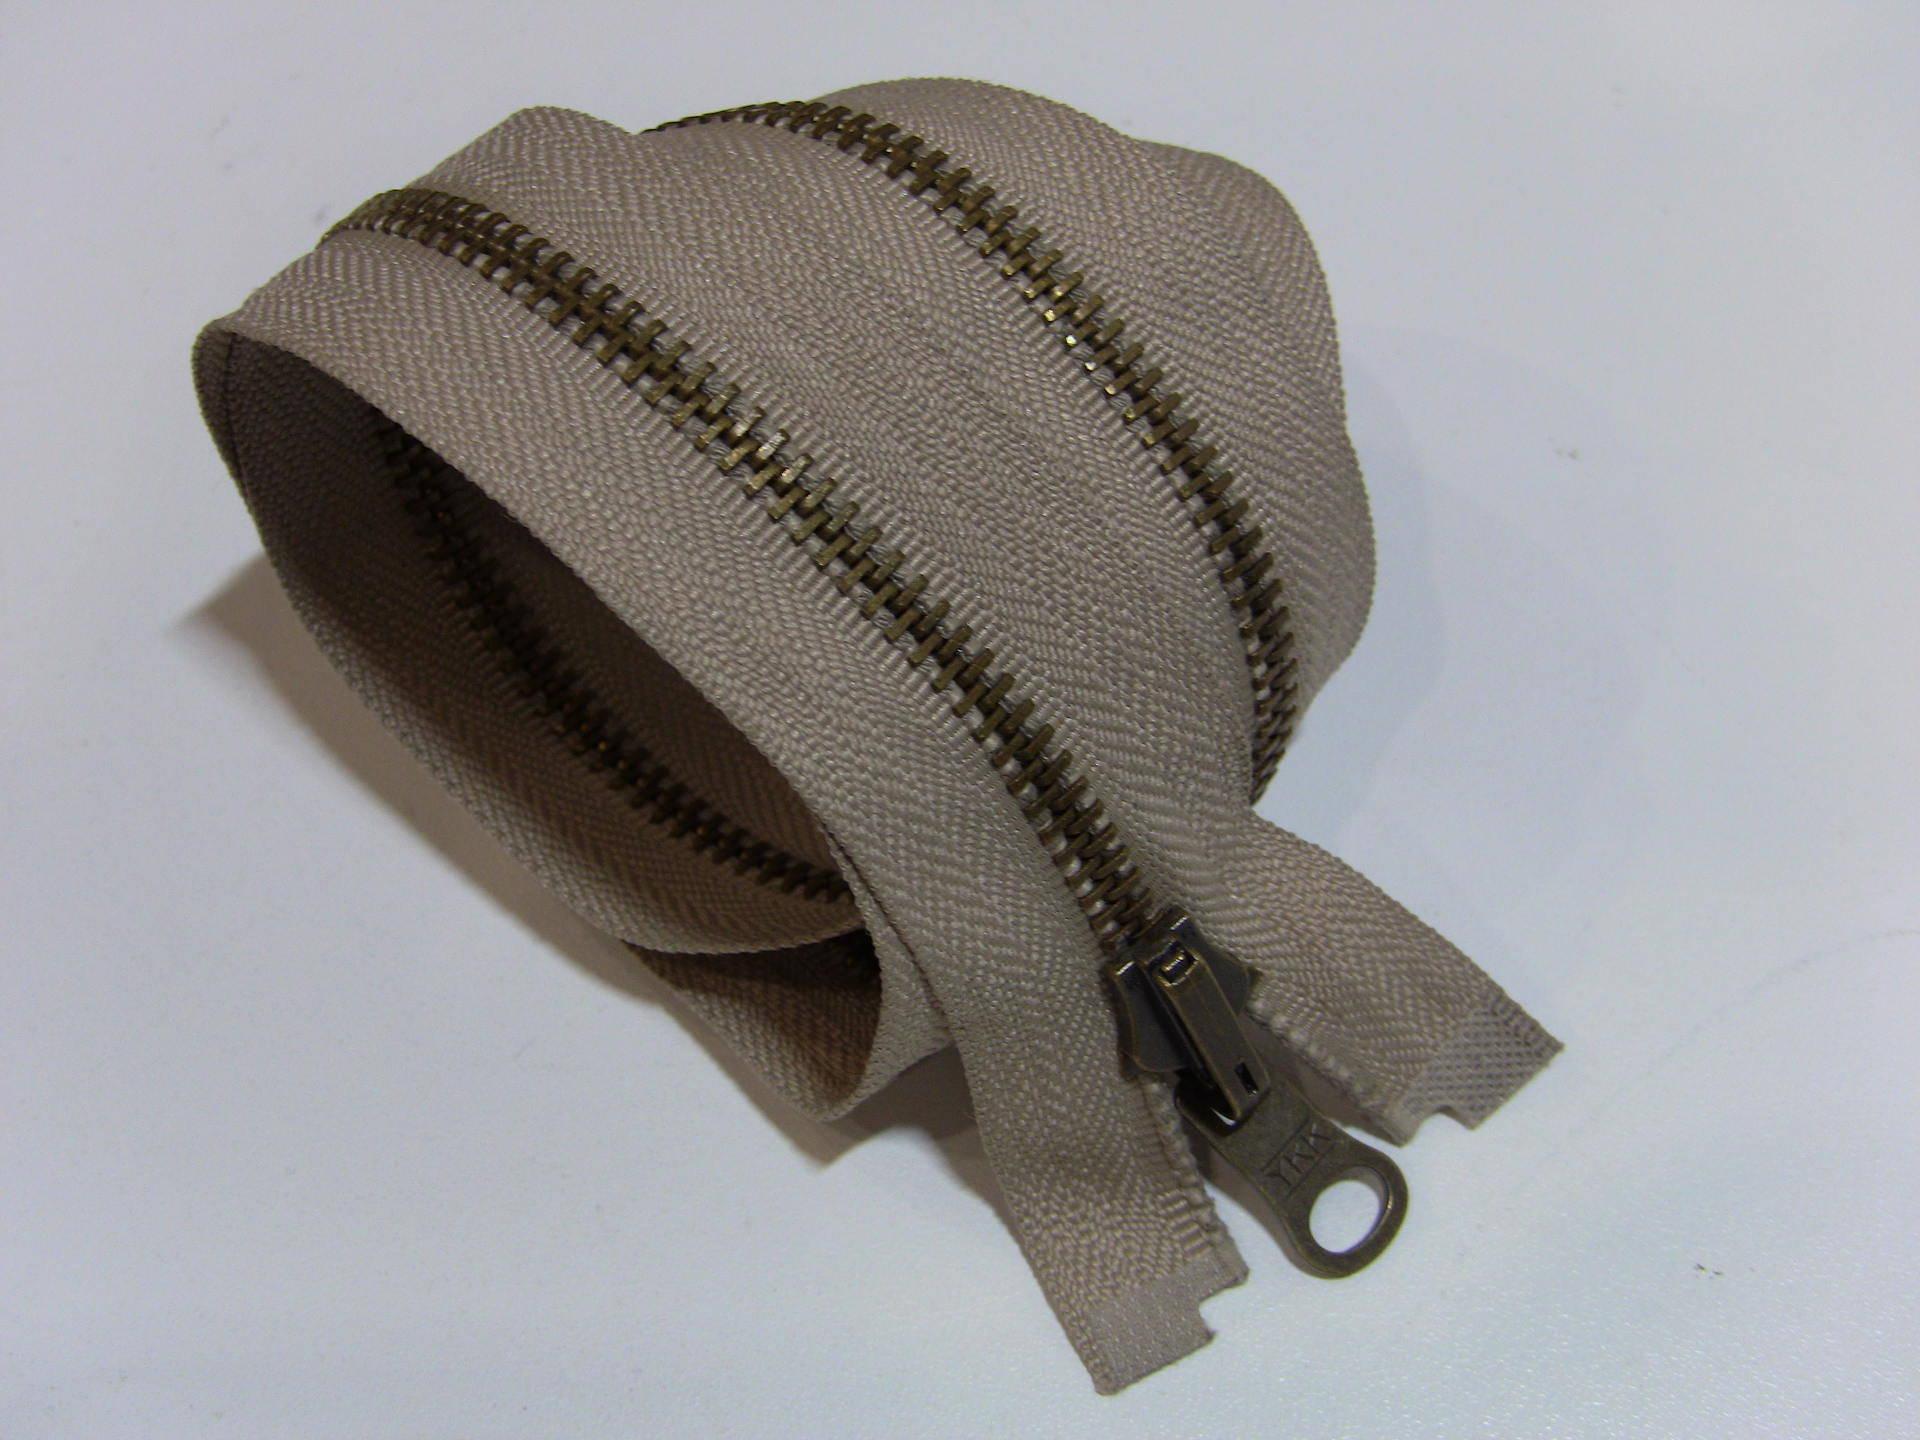 M5 BEIGE BRONZE, fermeture eclair separable reversible à glissiere métal 50cm / 55cm / 60cm / 65cm / 70cm / 75cm / 80cm